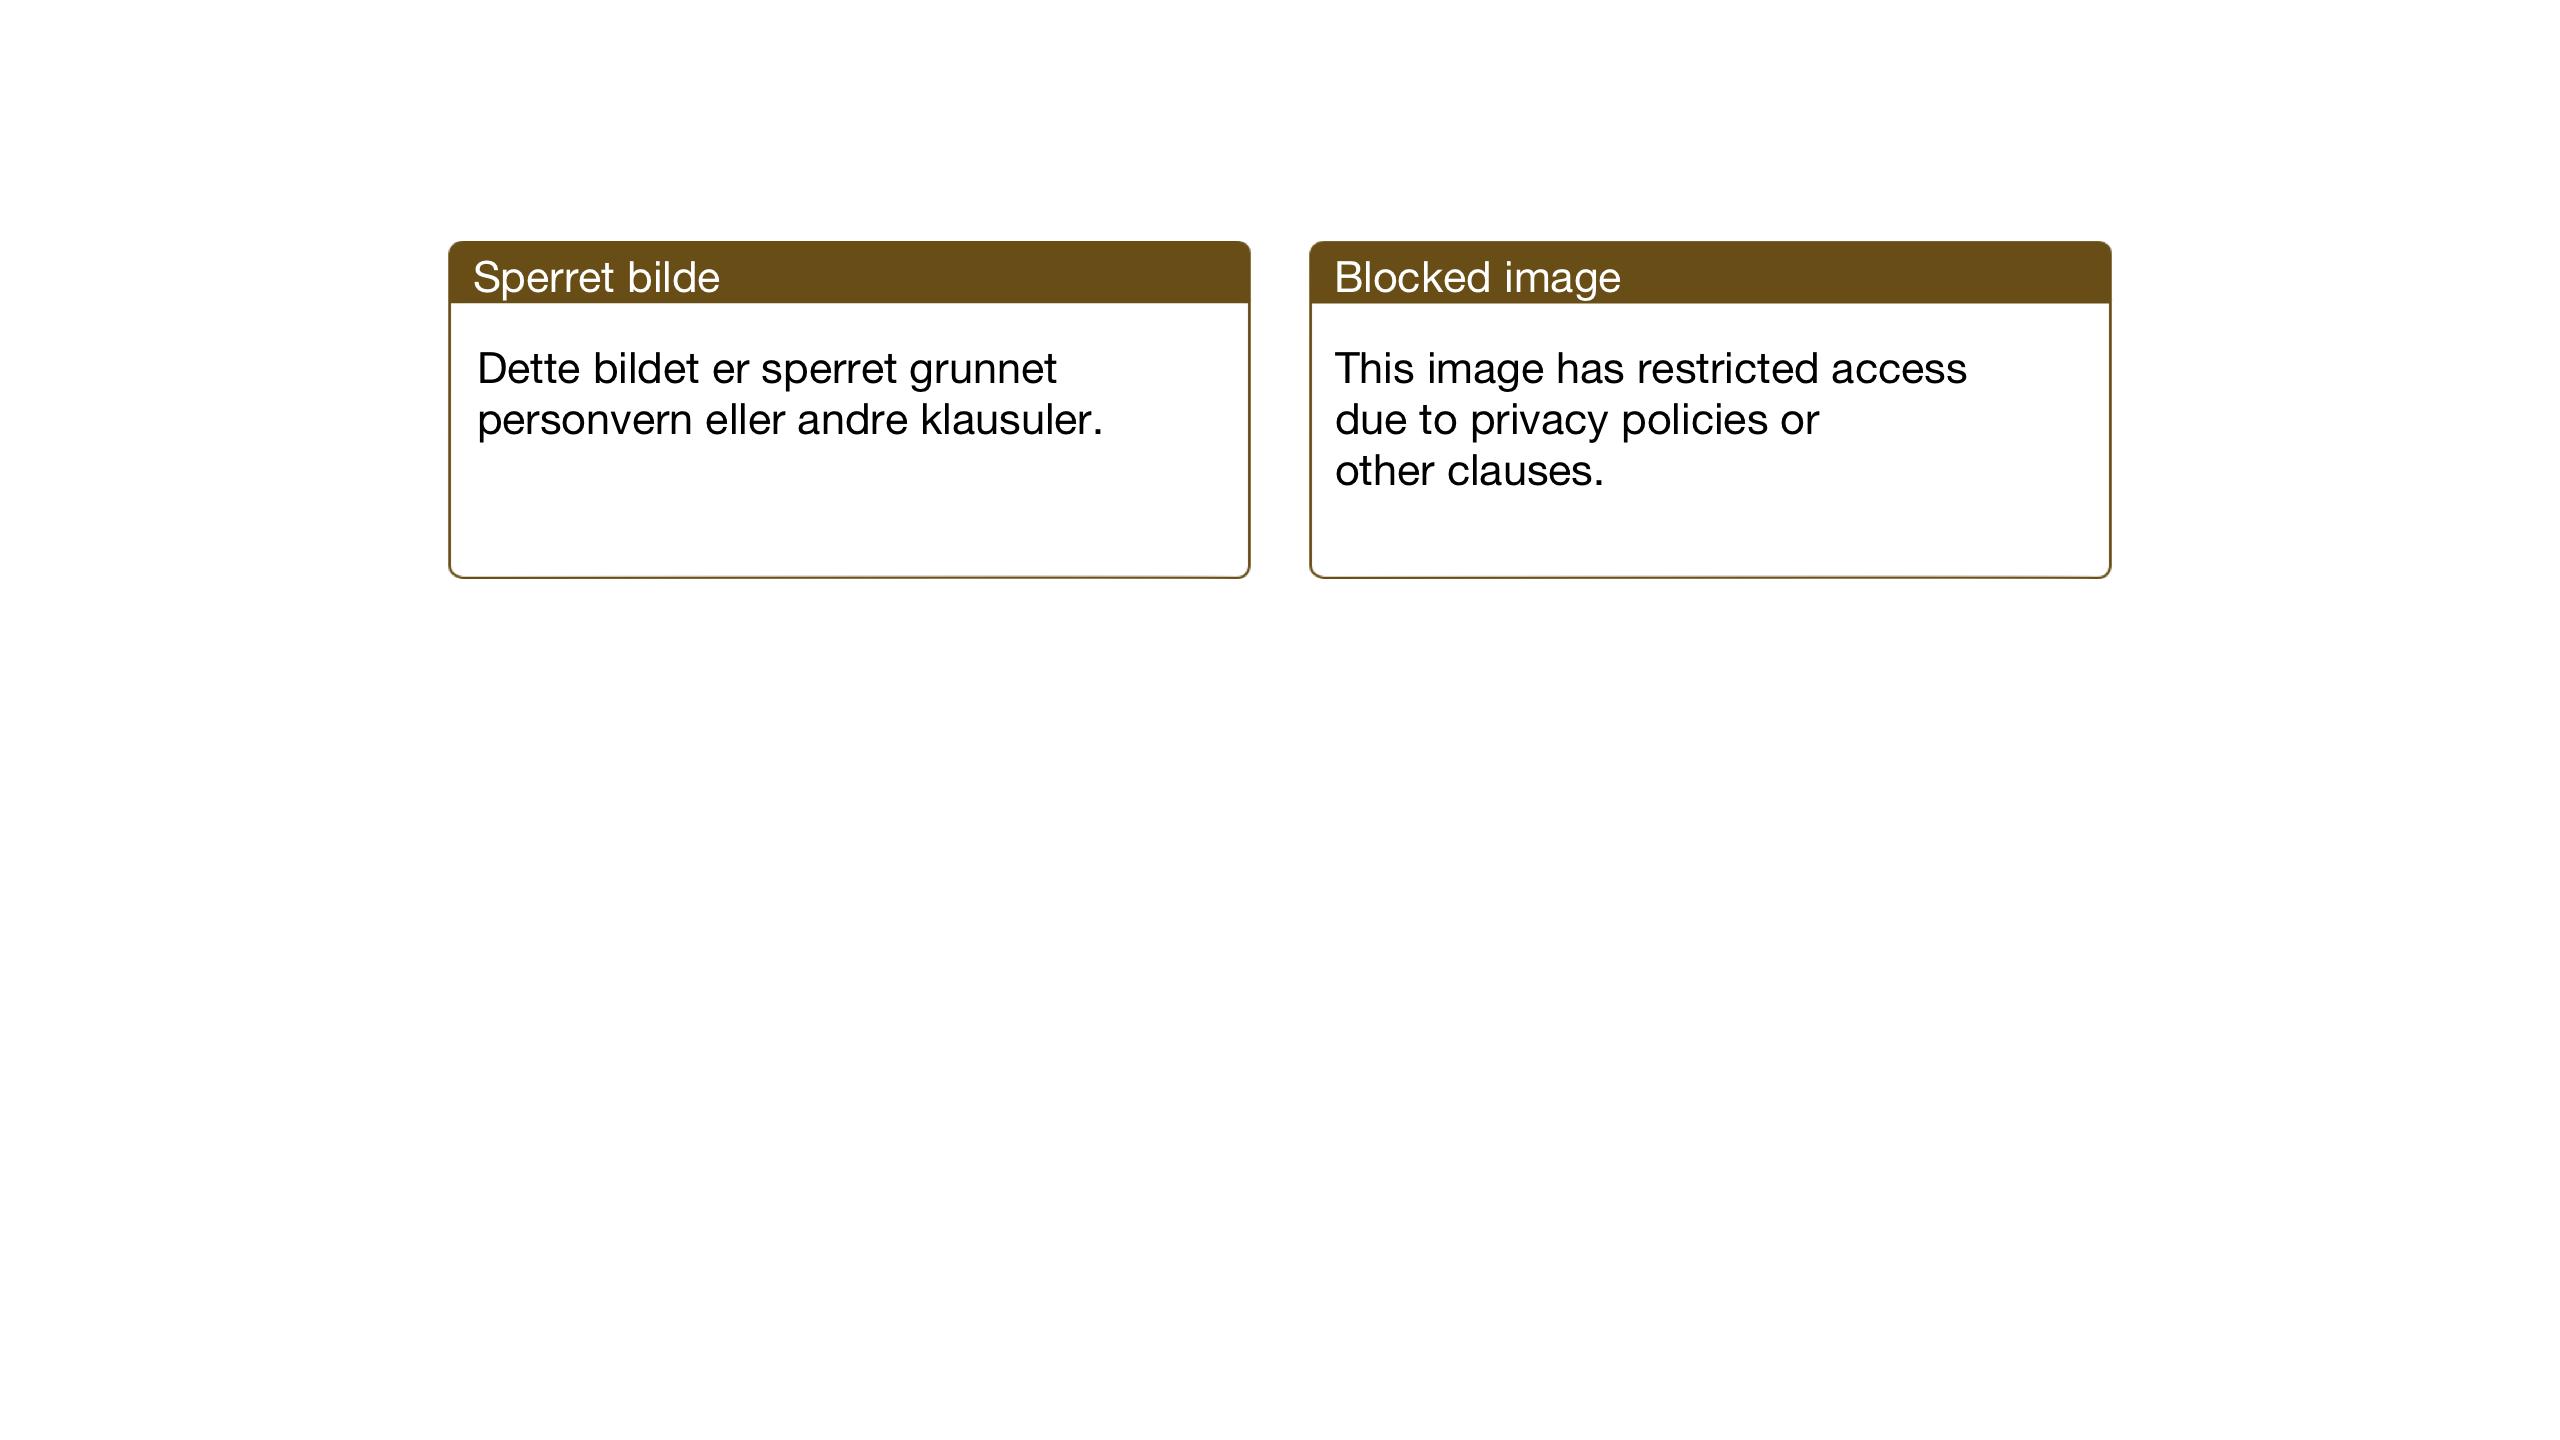 SAT, Ministerialprotokoller, klokkerbøker og fødselsregistre - Sør-Trøndelag, 605/L0259: Klokkerbok nr. 605C06, 1920-1937, s. 253